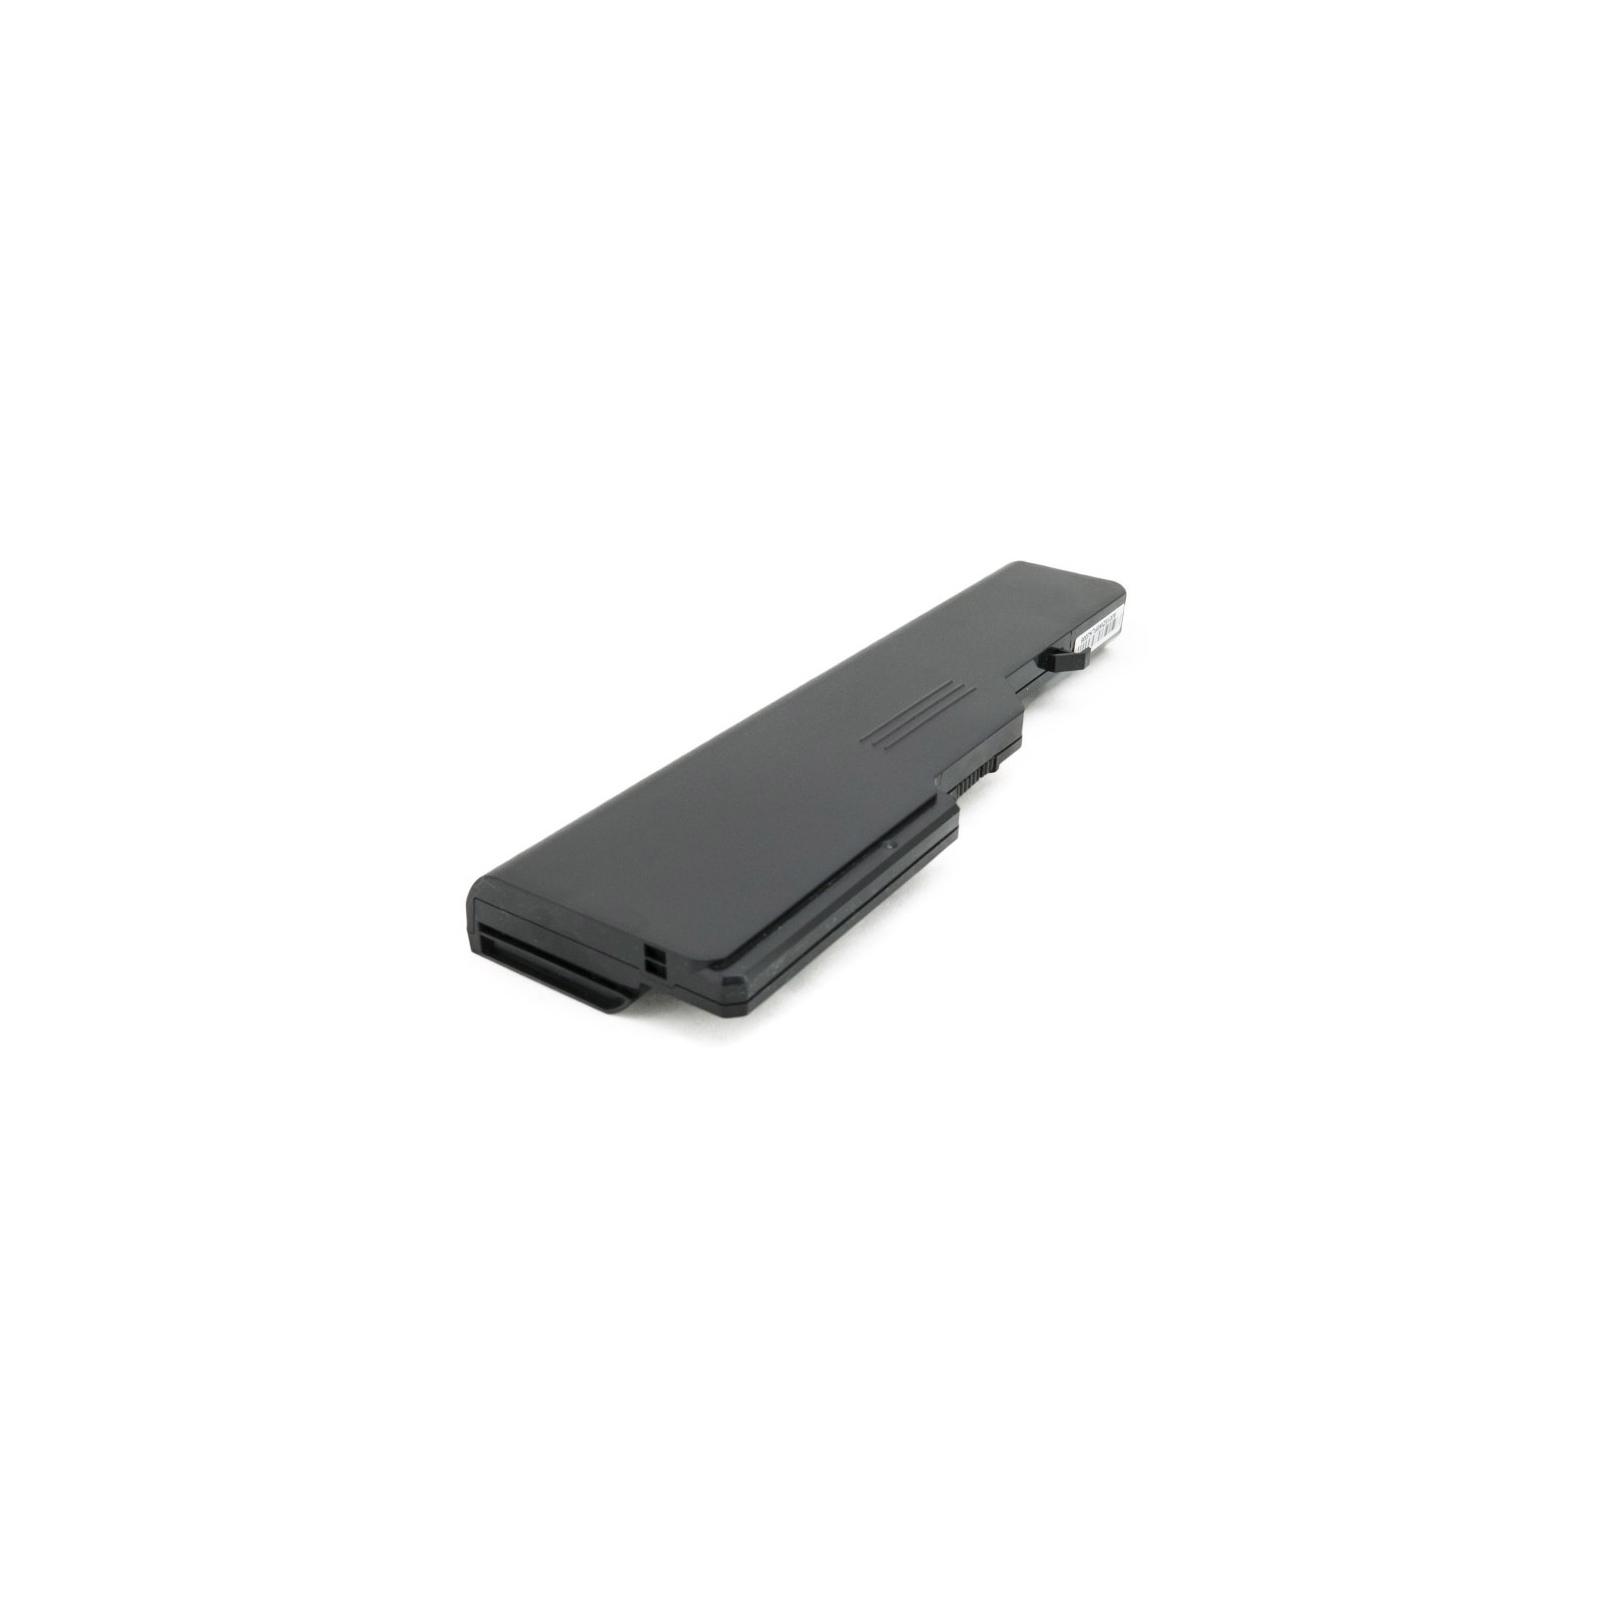 Аккумулятор для ноутбука Lenovo G560, 5200 mAh EXTRADIGITAL (BNL3954) изображение 3